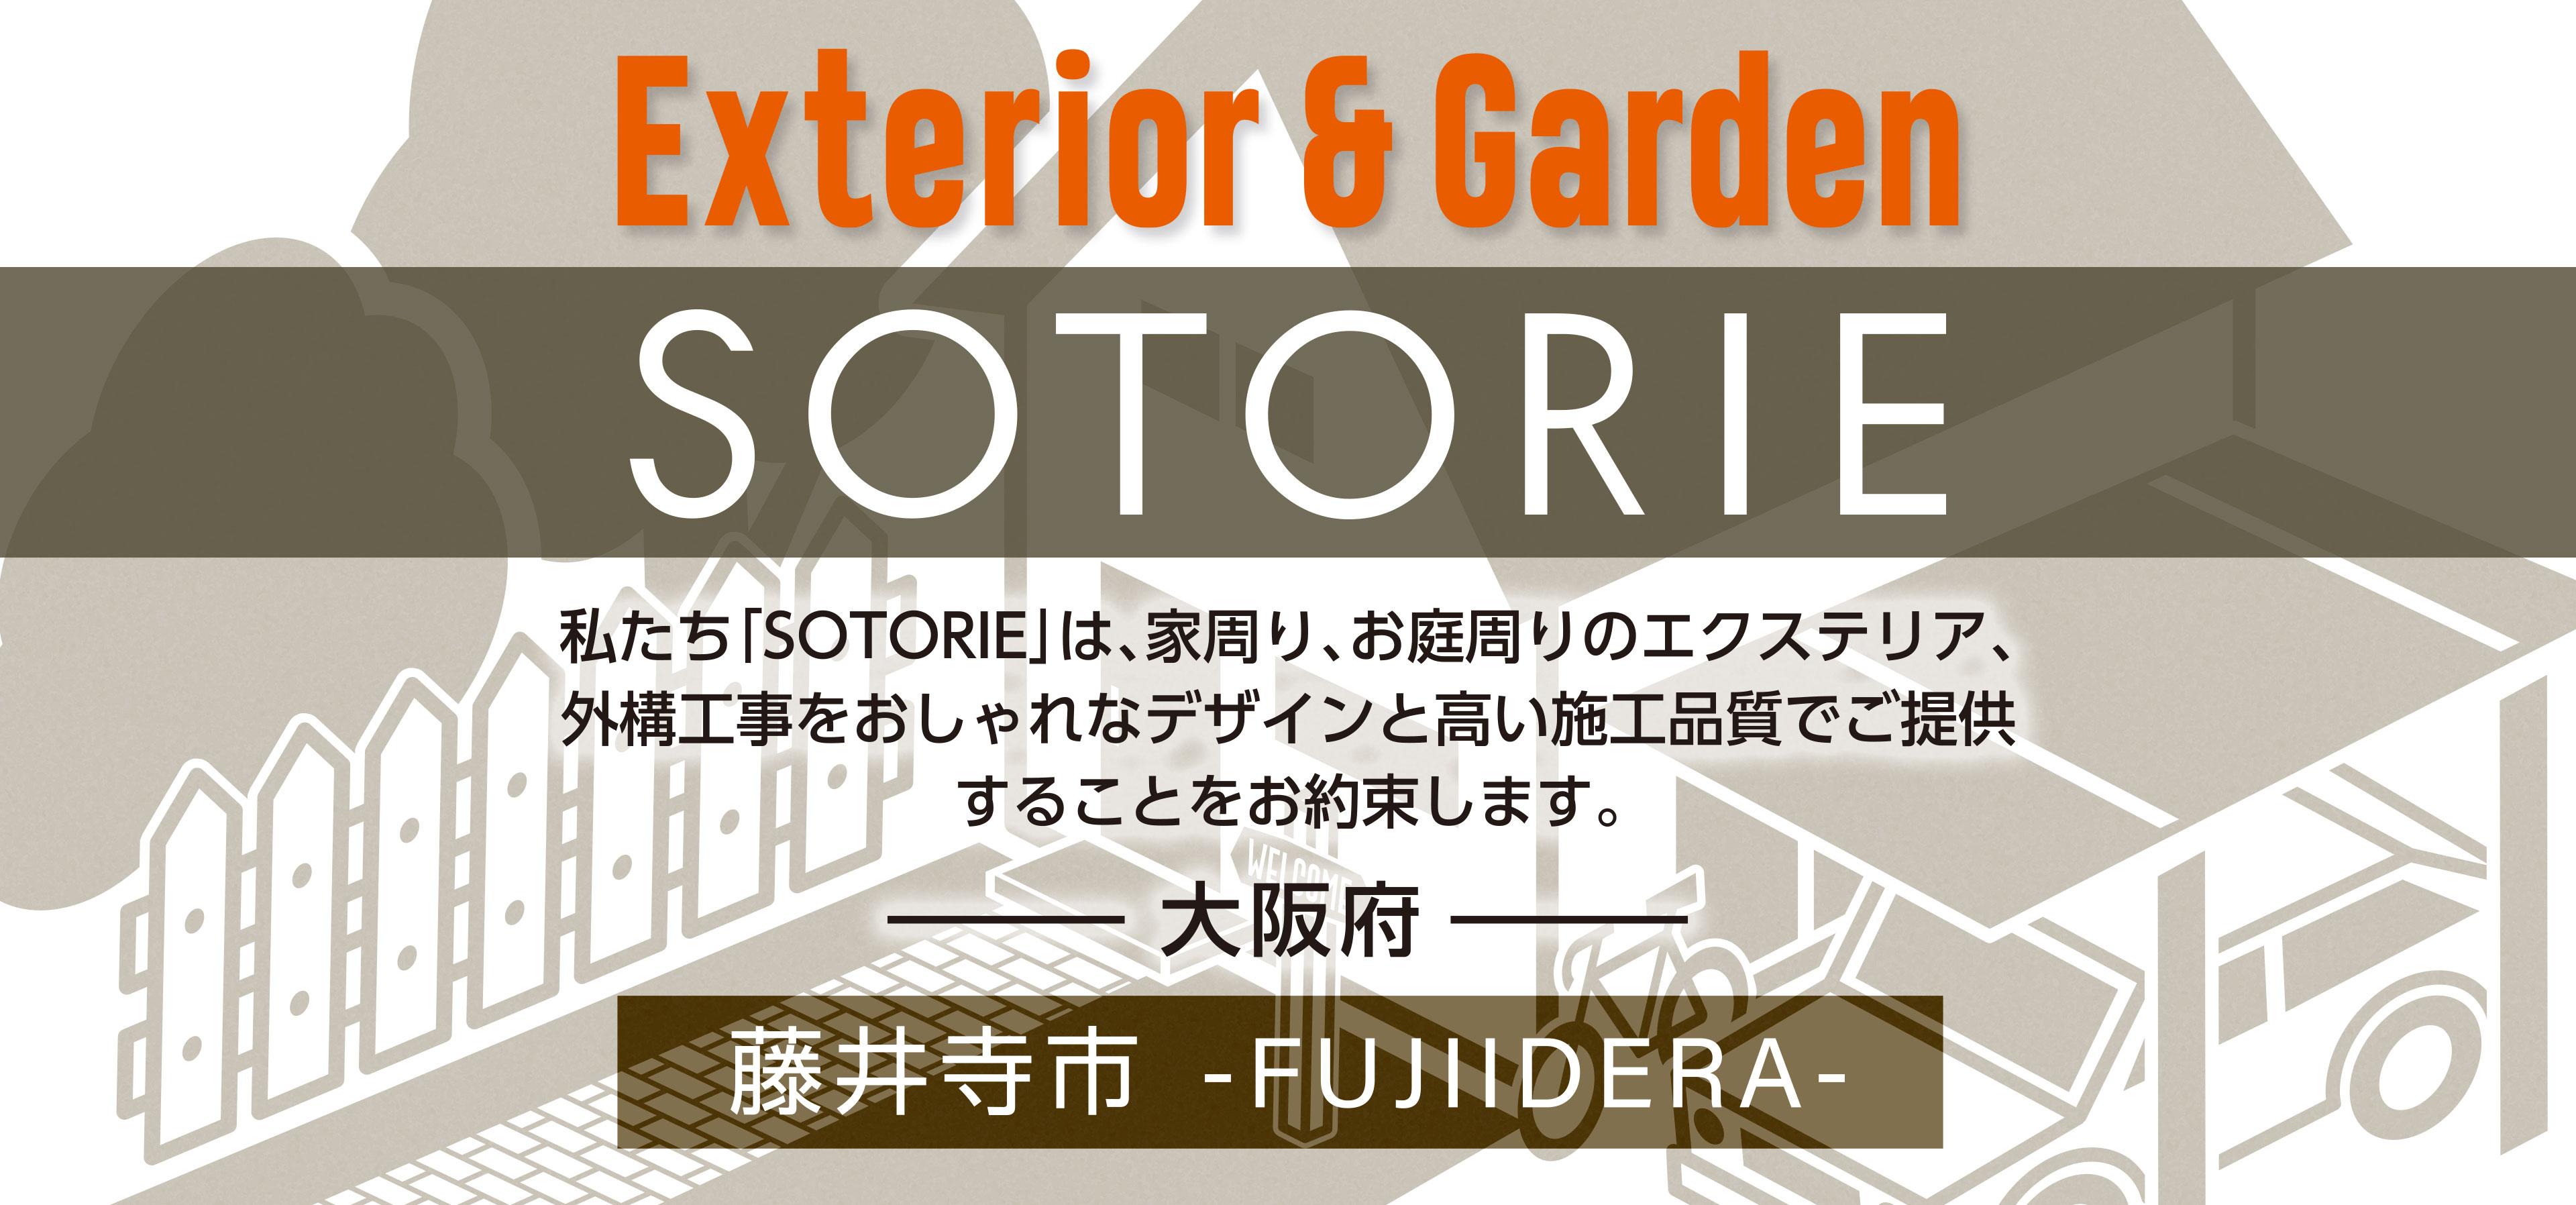 ソトリエ藤井寺市では、家周りと庭周りの外構、エクステリア工事をおしゃれなデザインと高い施工品質でご提供することをお約束します。